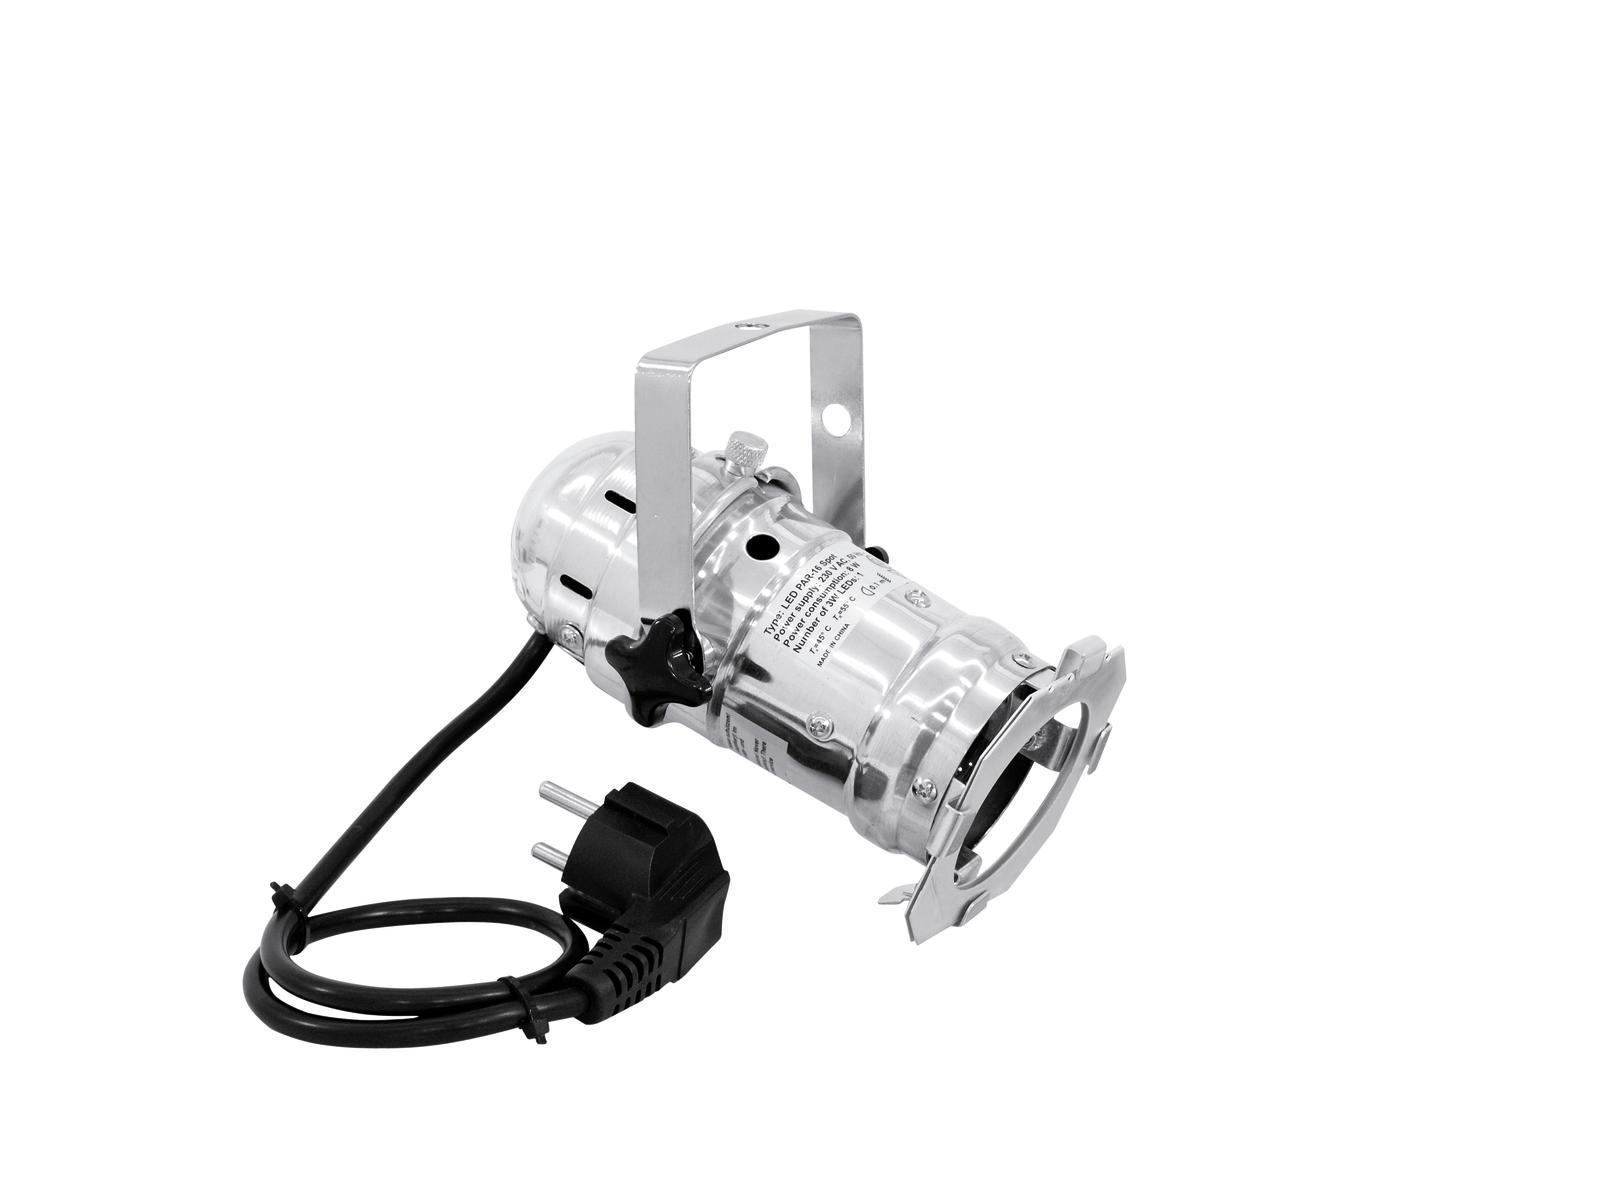 EUROLITE LED PAR-16 3200K 1x3W Spot sil